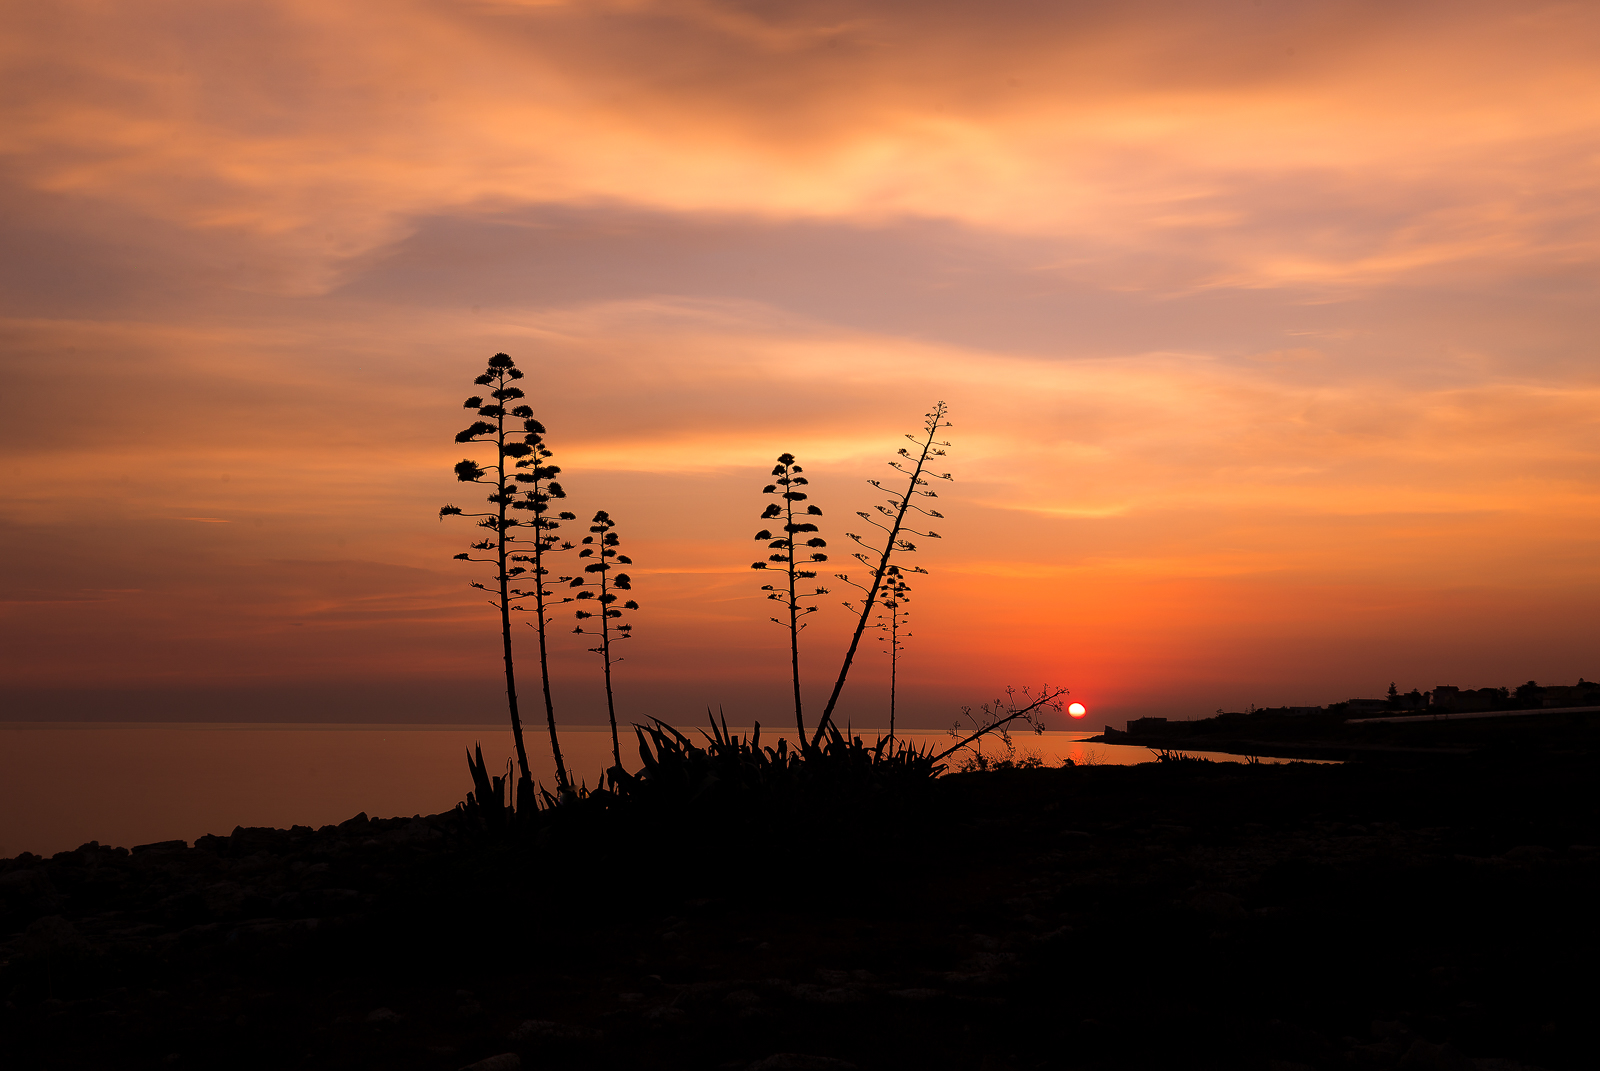 Un caldo tramonto di fine estate...